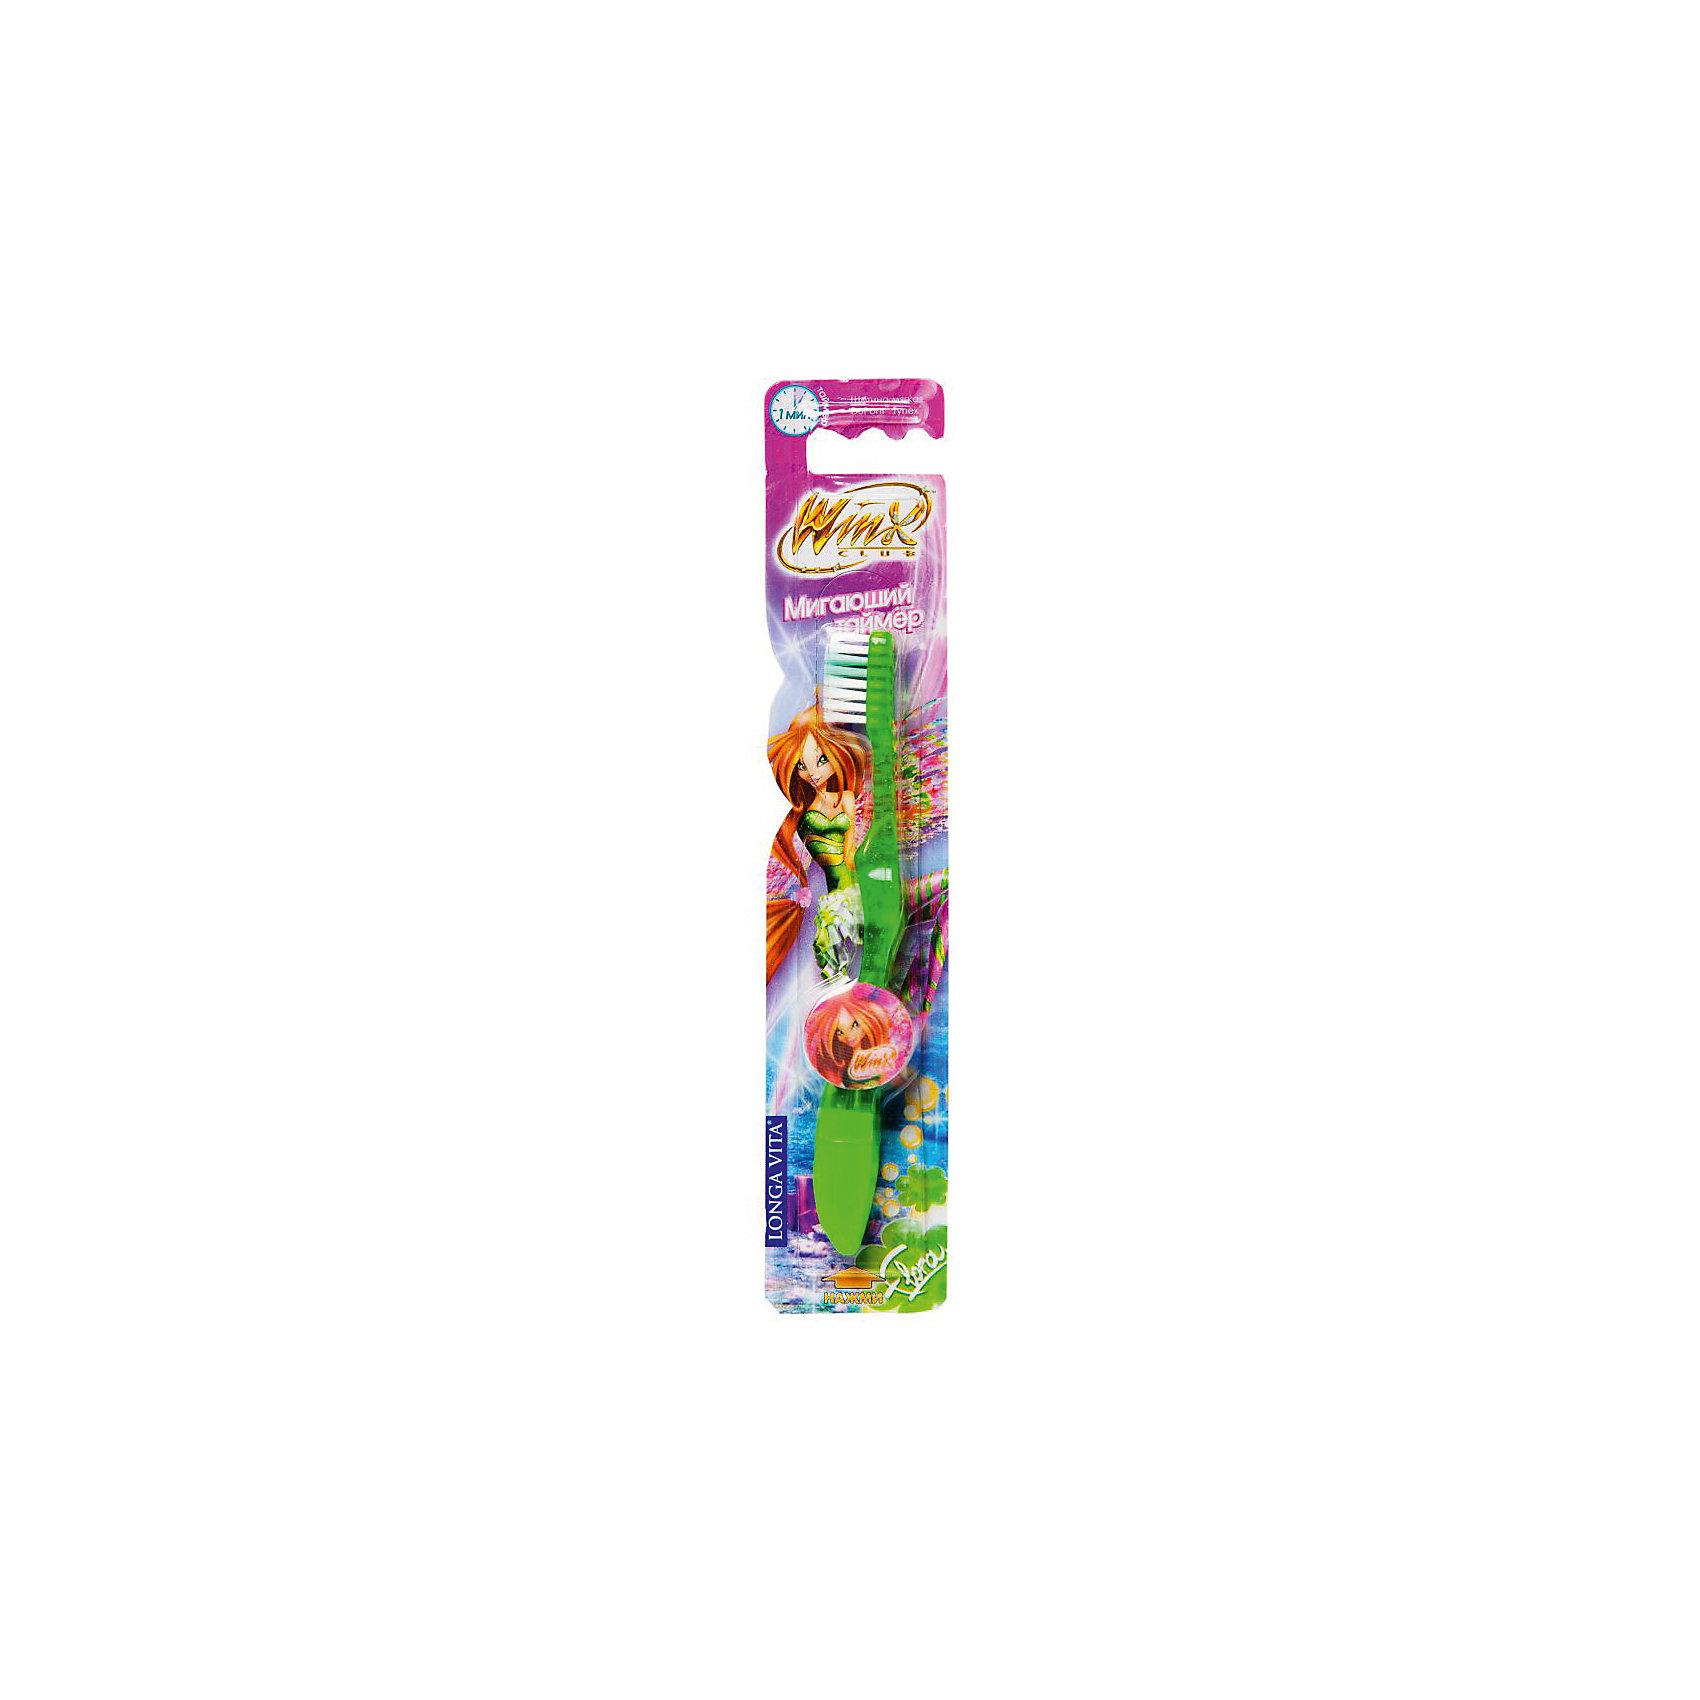 Зубная щетка с мигающим таймером, от 3-х лет, Winx, LONGA VITA, зеленыйЗубная щетка с мигающим таймером, от 3-х лет, Winx, LONGA VITA (Лонга Вита), зеленая.    <br><br>Характеристика:<br><br>• Материал: пластик, нейлон.<br>• Размер упаковки: 23х5х2 см. <br>• Жесткость: мягкая щетина Tynex DuPont. <br>• Эргономичная ручка с выступом для большого пальца. <br>• Мигающий таймер на 60 секунд (минимальное время чистки зубов, рекомендованное стоматологами). <br>• Яркий привлекательный дизайн. <br>• Батарейки в комплекте. <br><br>Яркая зубная щетка с очаровательными Winx (Винкс) приведет в восторг любую девочку! Нажимай на кнопку, смотри, как мигают веселые огоньки и ухаживай за зубами! Щетка LONGA VITA очень маневренная, прекрасно очищает ротовую полость и удаляет зубной налет. Благодаря мягкой щетине, не травмирует нежные детские десны. Удобная эргономичная ручка препятствует выскальзыванию. Привлекательный дизайн, изображения любимых героинь и веселые огоньки сделают процесс чистки зубов увлекательным и веселым! <br><br>Зубную щетку с мигающим таймером, от 3-х лет, Winx, LONGA VITA (Лонга Вита), зеленую, можно купить в нашем магазине.<br><br>Ширина мм: 20<br>Глубина мм: 25<br>Высота мм: 160<br>Вес г: 40<br>Возраст от месяцев: 36<br>Возраст до месяцев: 84<br>Пол: Женский<br>Возраст: Детский<br>SKU: 5130708